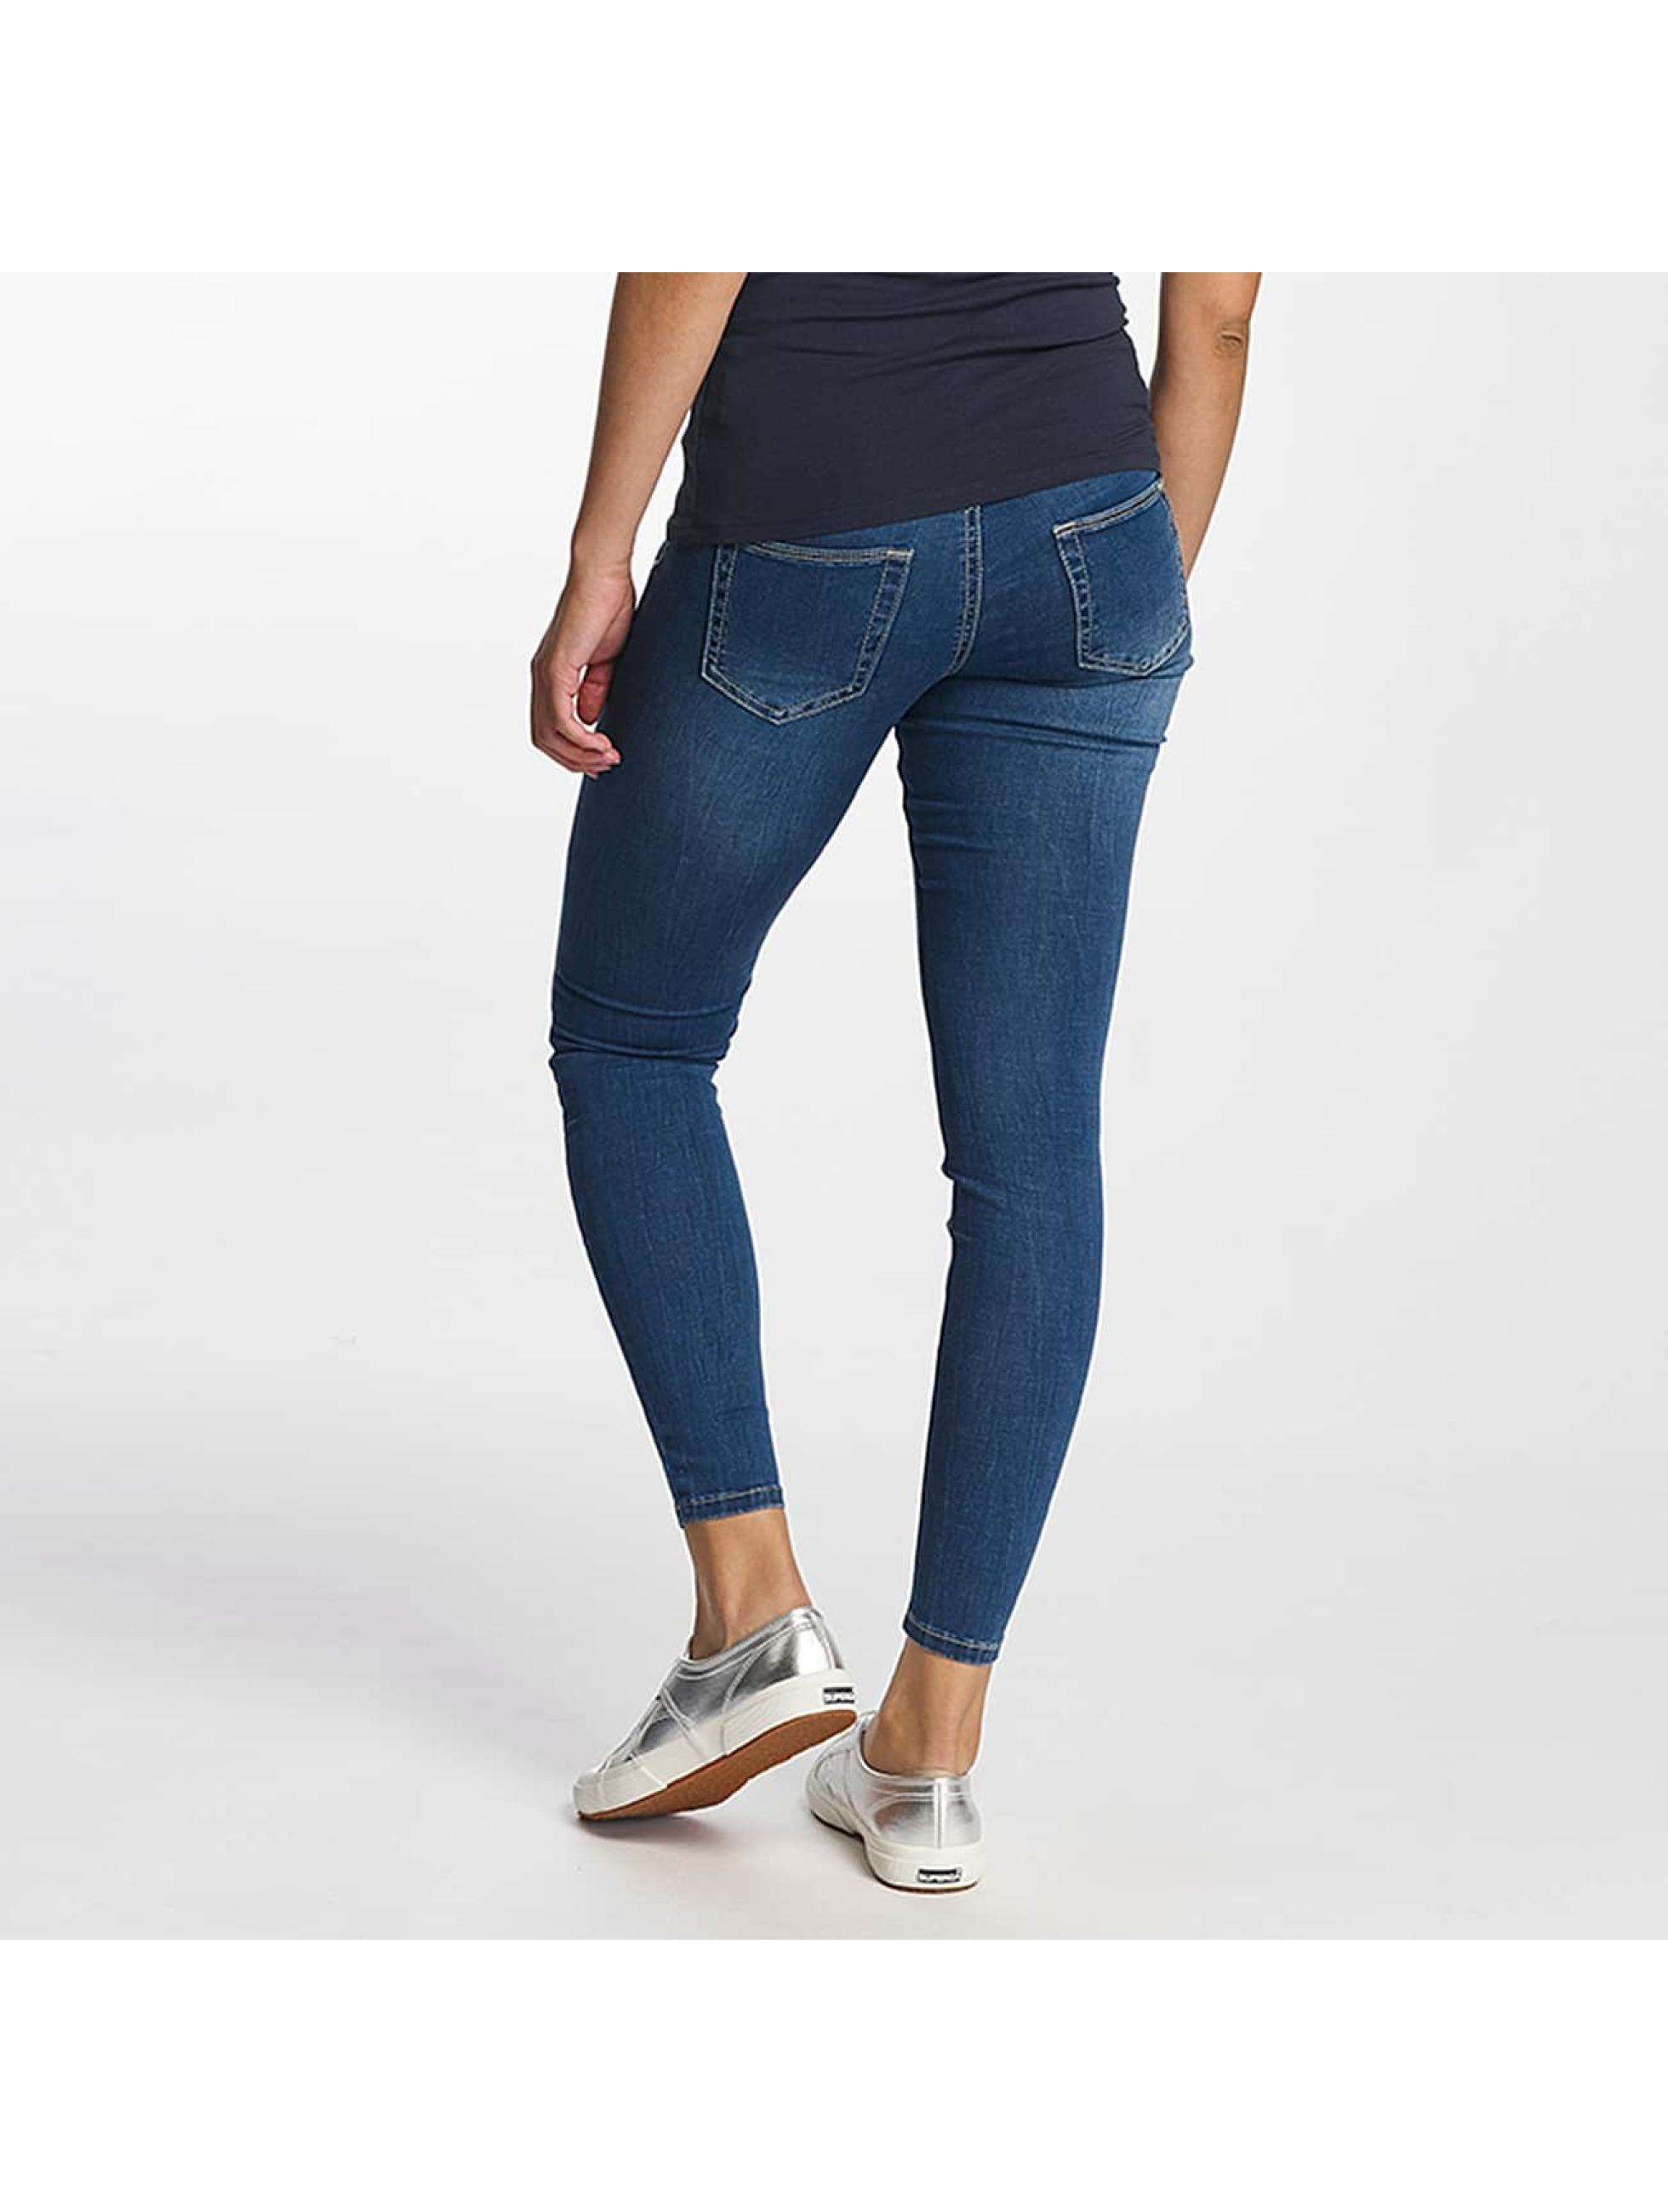 Hailys Облегающие джинсы Bella синий